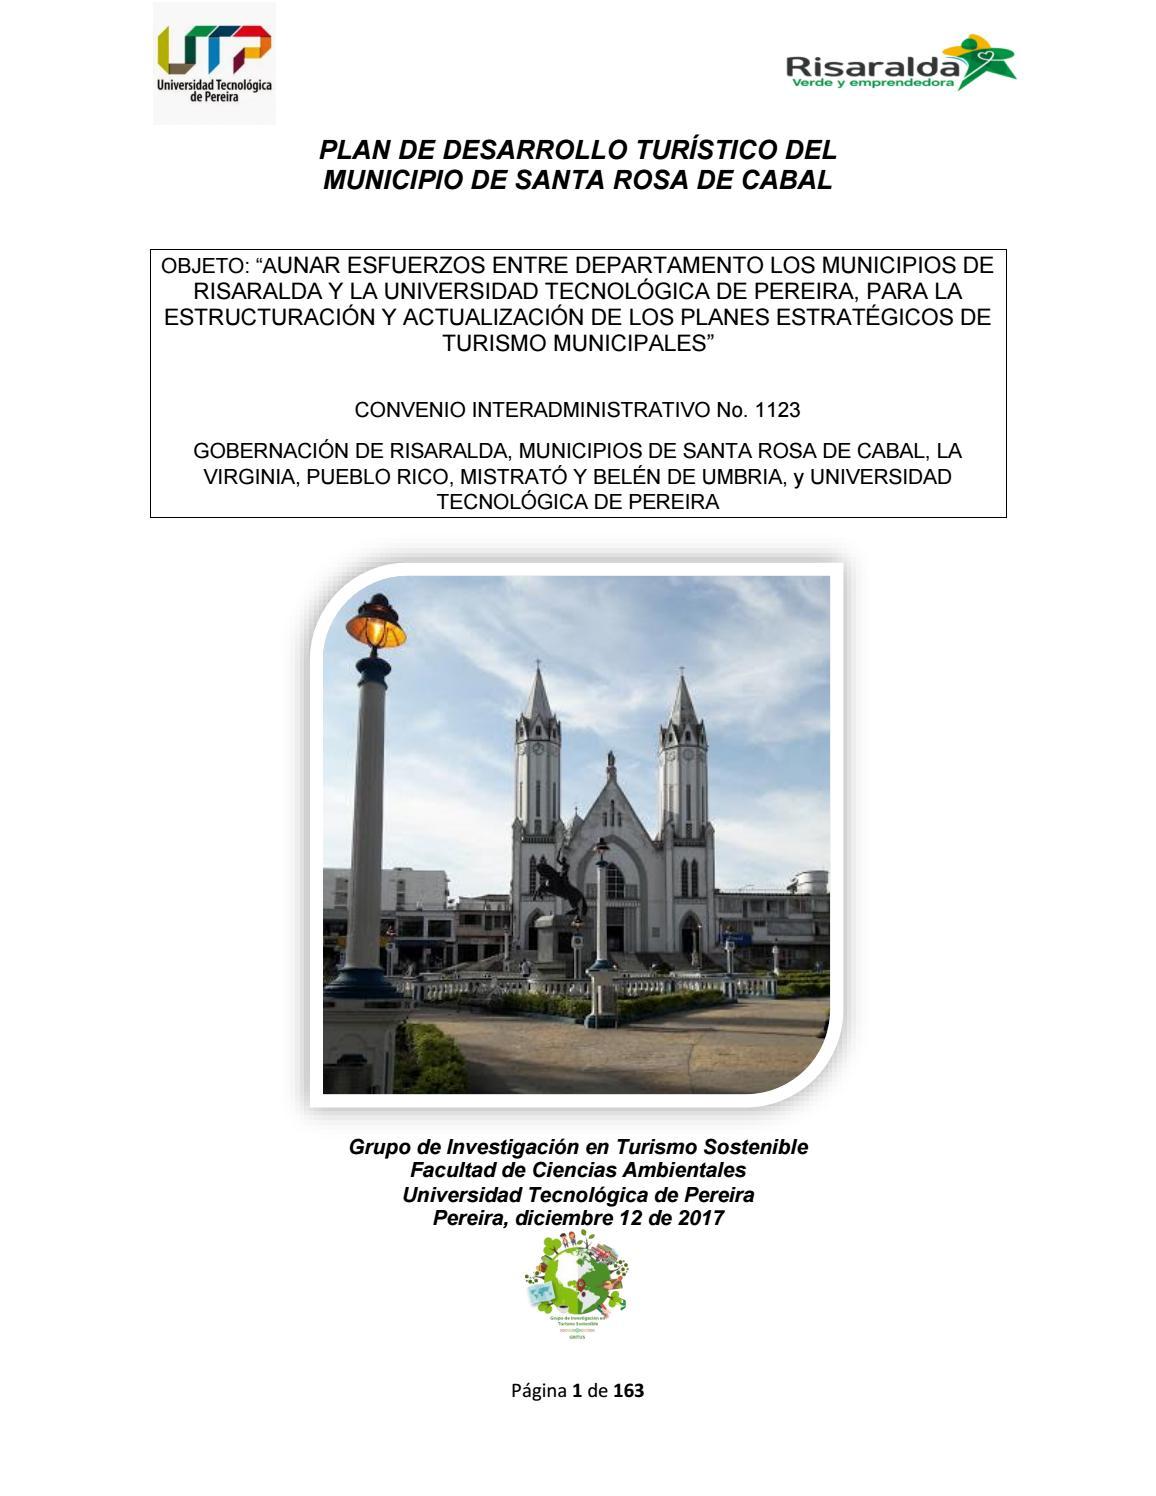 Plan De Desarrollo Tur Stico Santa Rosa De Cabal 2017 By  # Muebles Para Piqueteadero